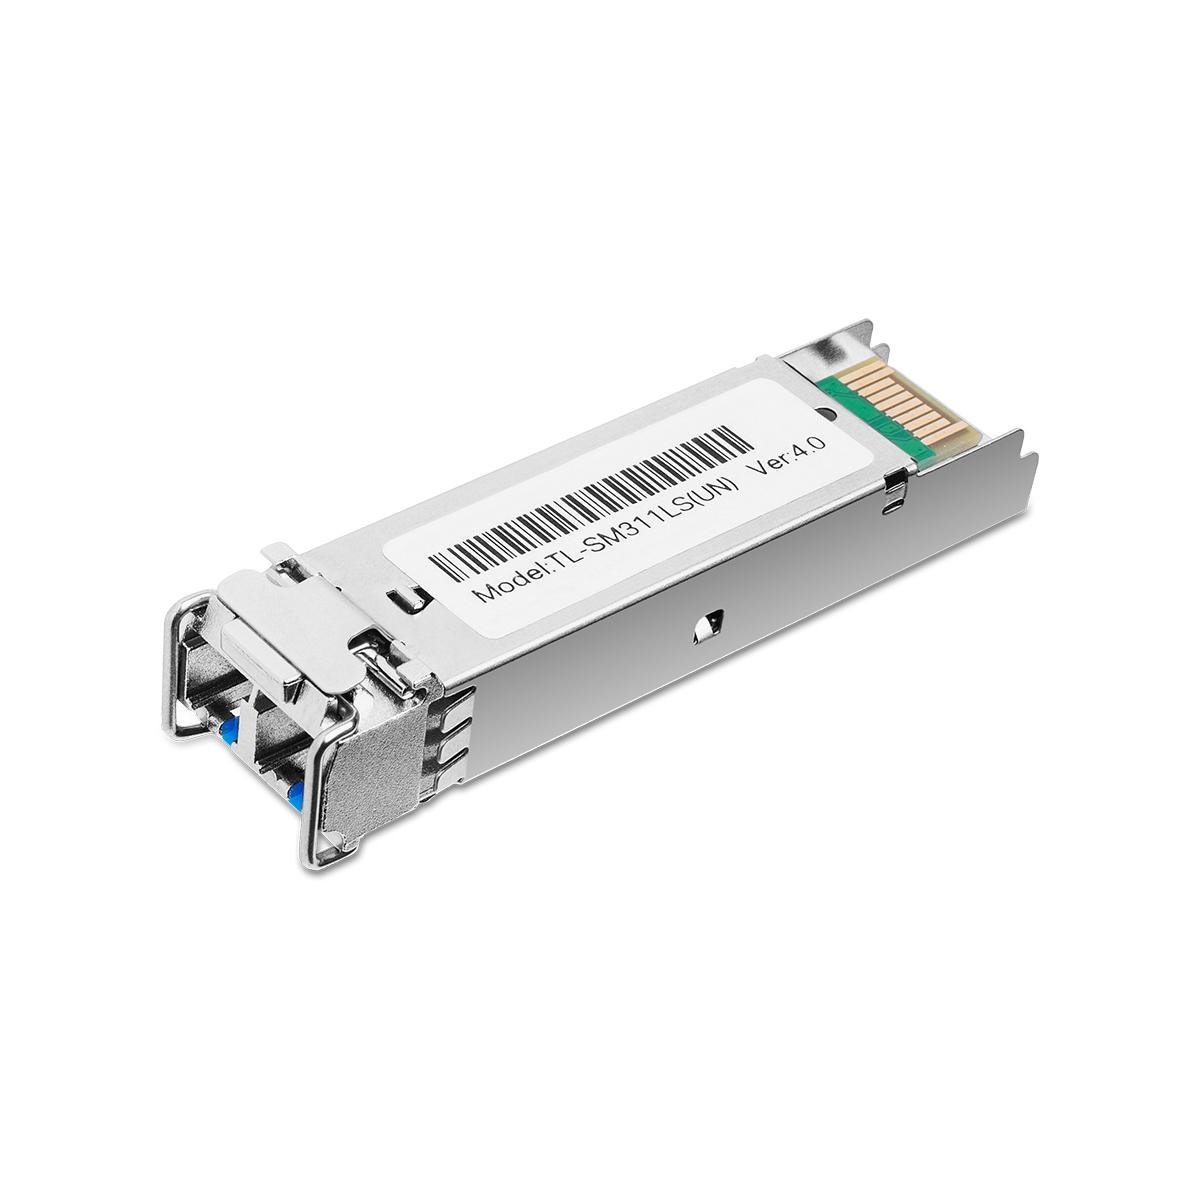 TP-LINK SFP 1000BASE-LX LC MiniGBIC Sm - TL-SM311LS